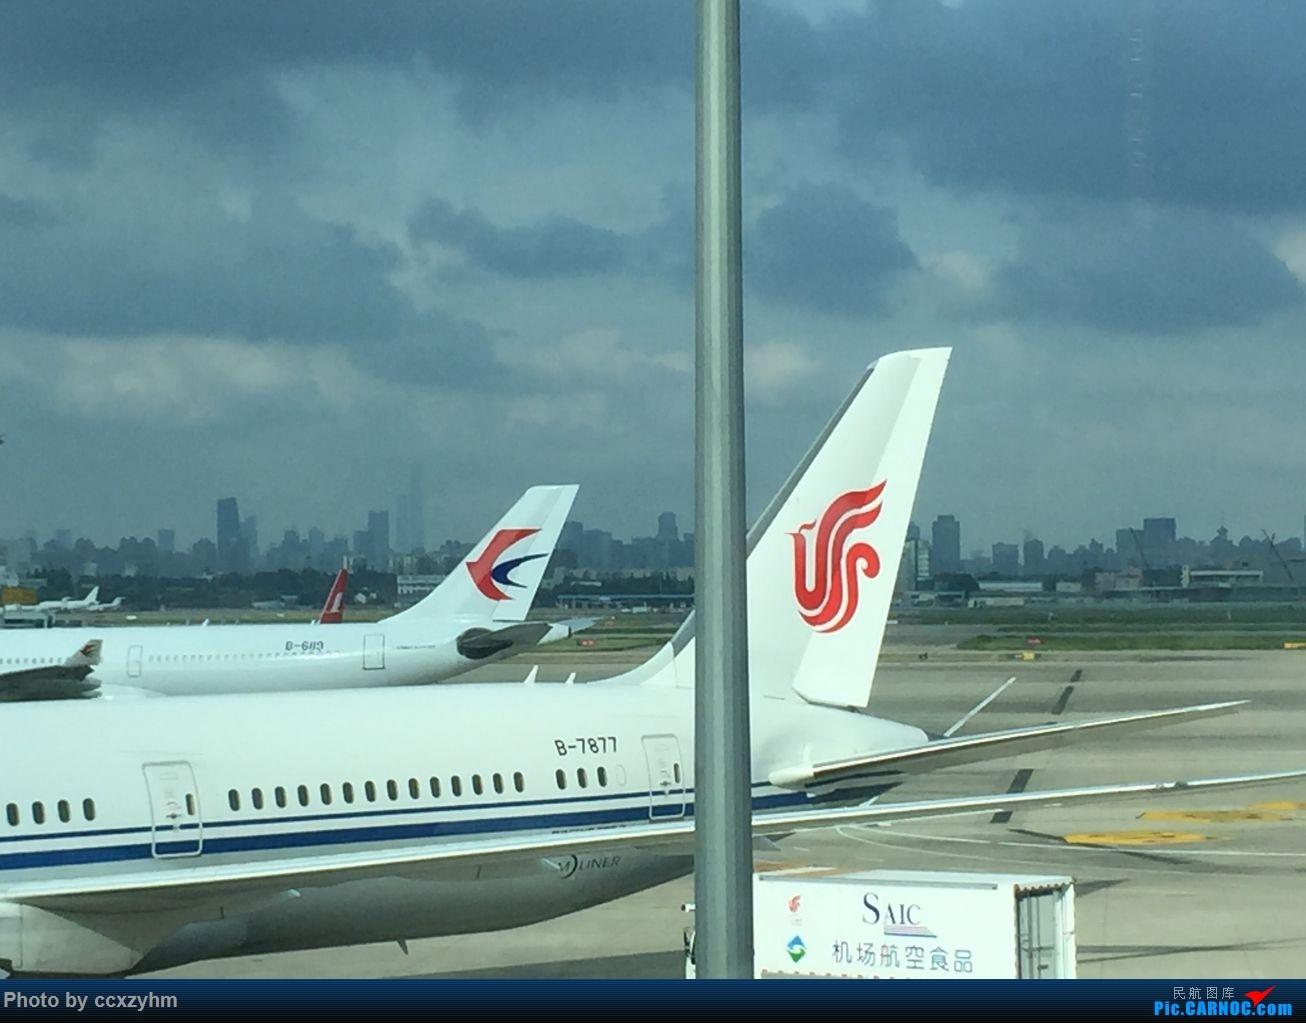 [原创]论坛首发 京沪线上的国航789 高二升高三暑假短Break 空铁联运去北京 第一个猜对酒店5架小飞机 BOEING 787-9 B-7877 SHA